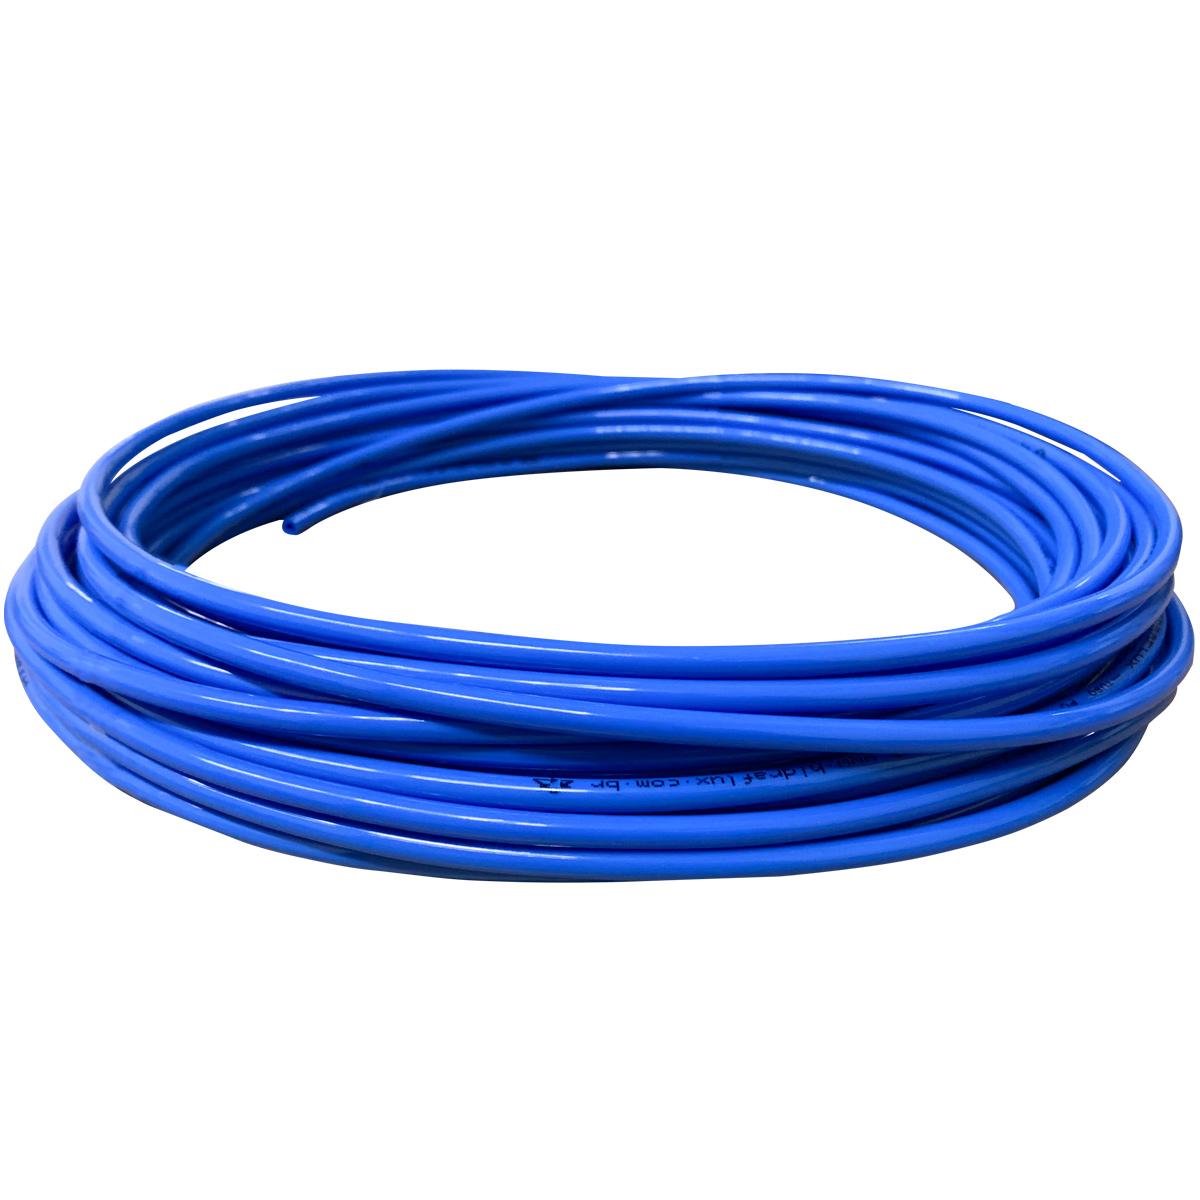 Mangueira Pneumática De Poliuretano (pu) Tubo 8mm Azul - 1 Metro